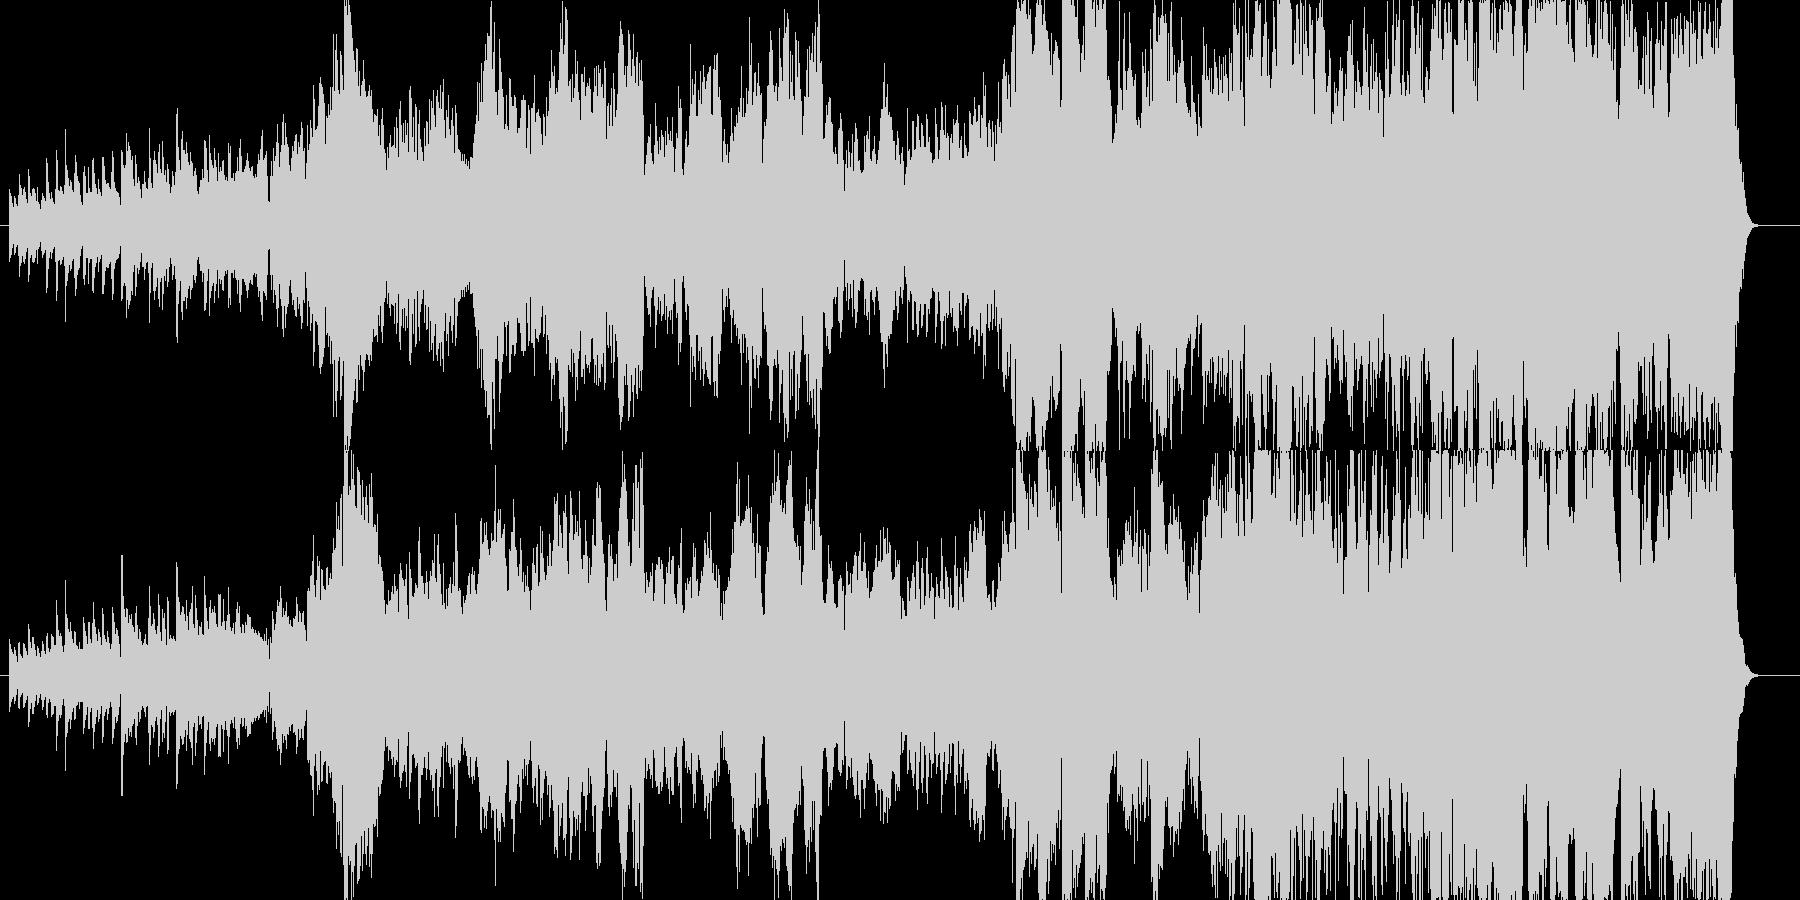 大河ドラマのようなオーケストラ調の未再生の波形